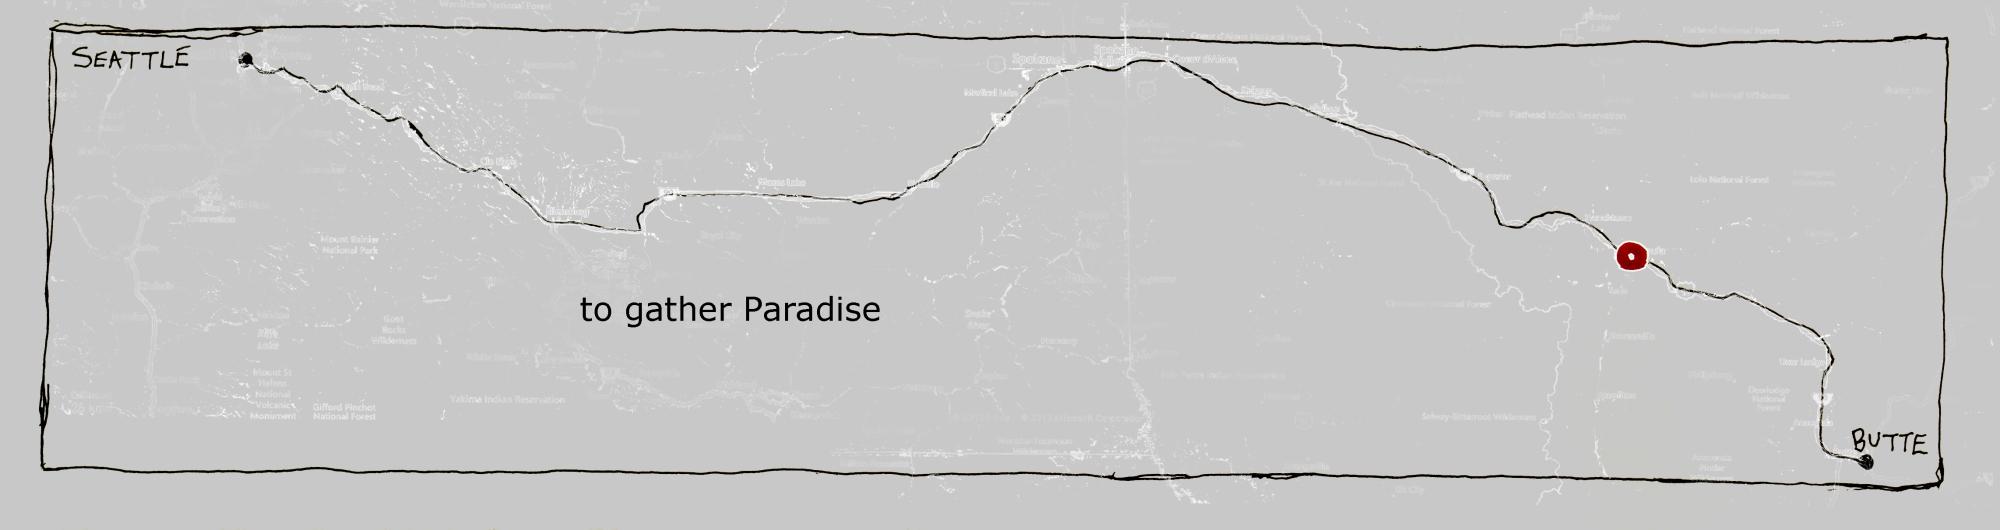 386 map